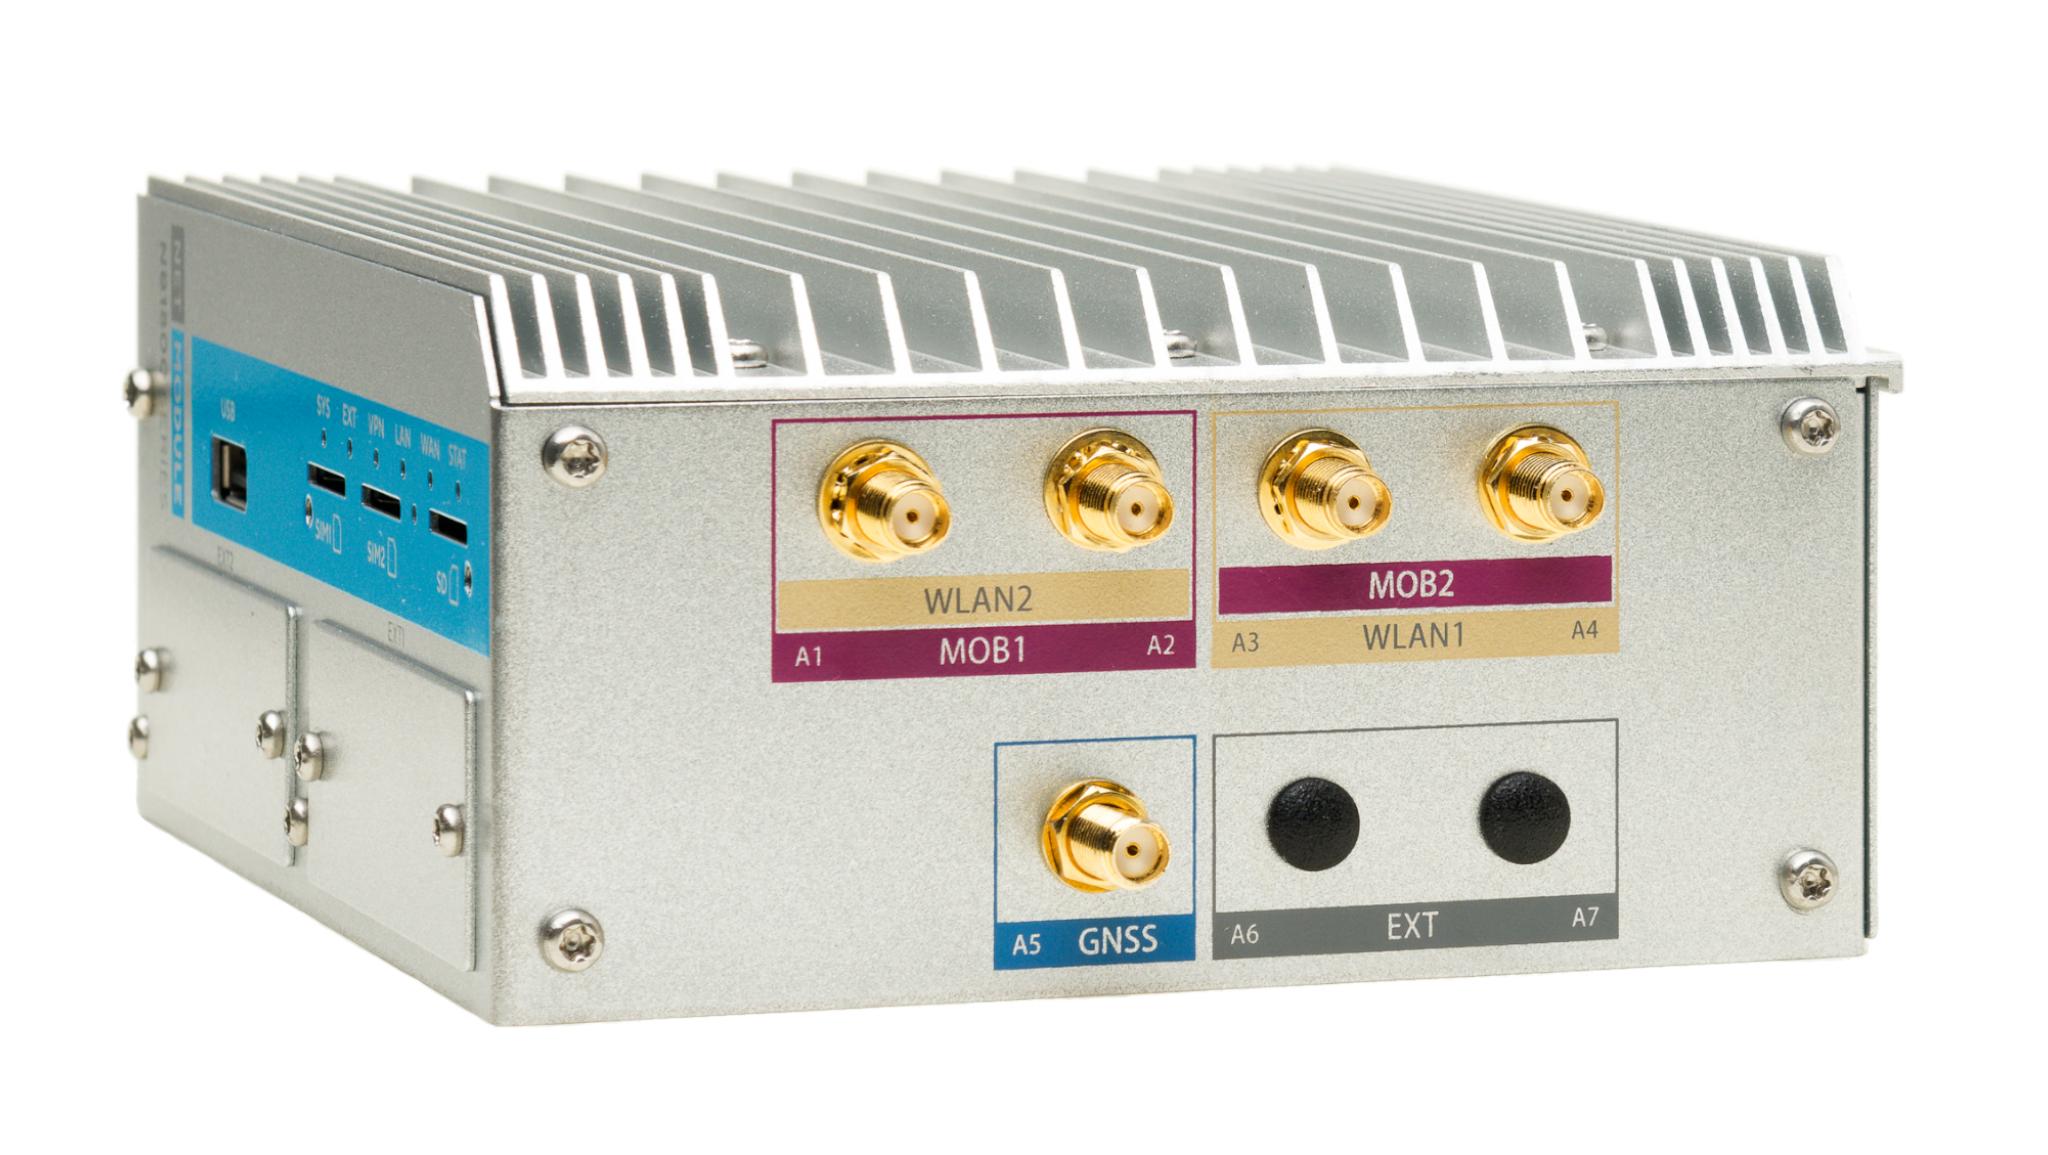 Router mit eUICC- und eSIM-Support